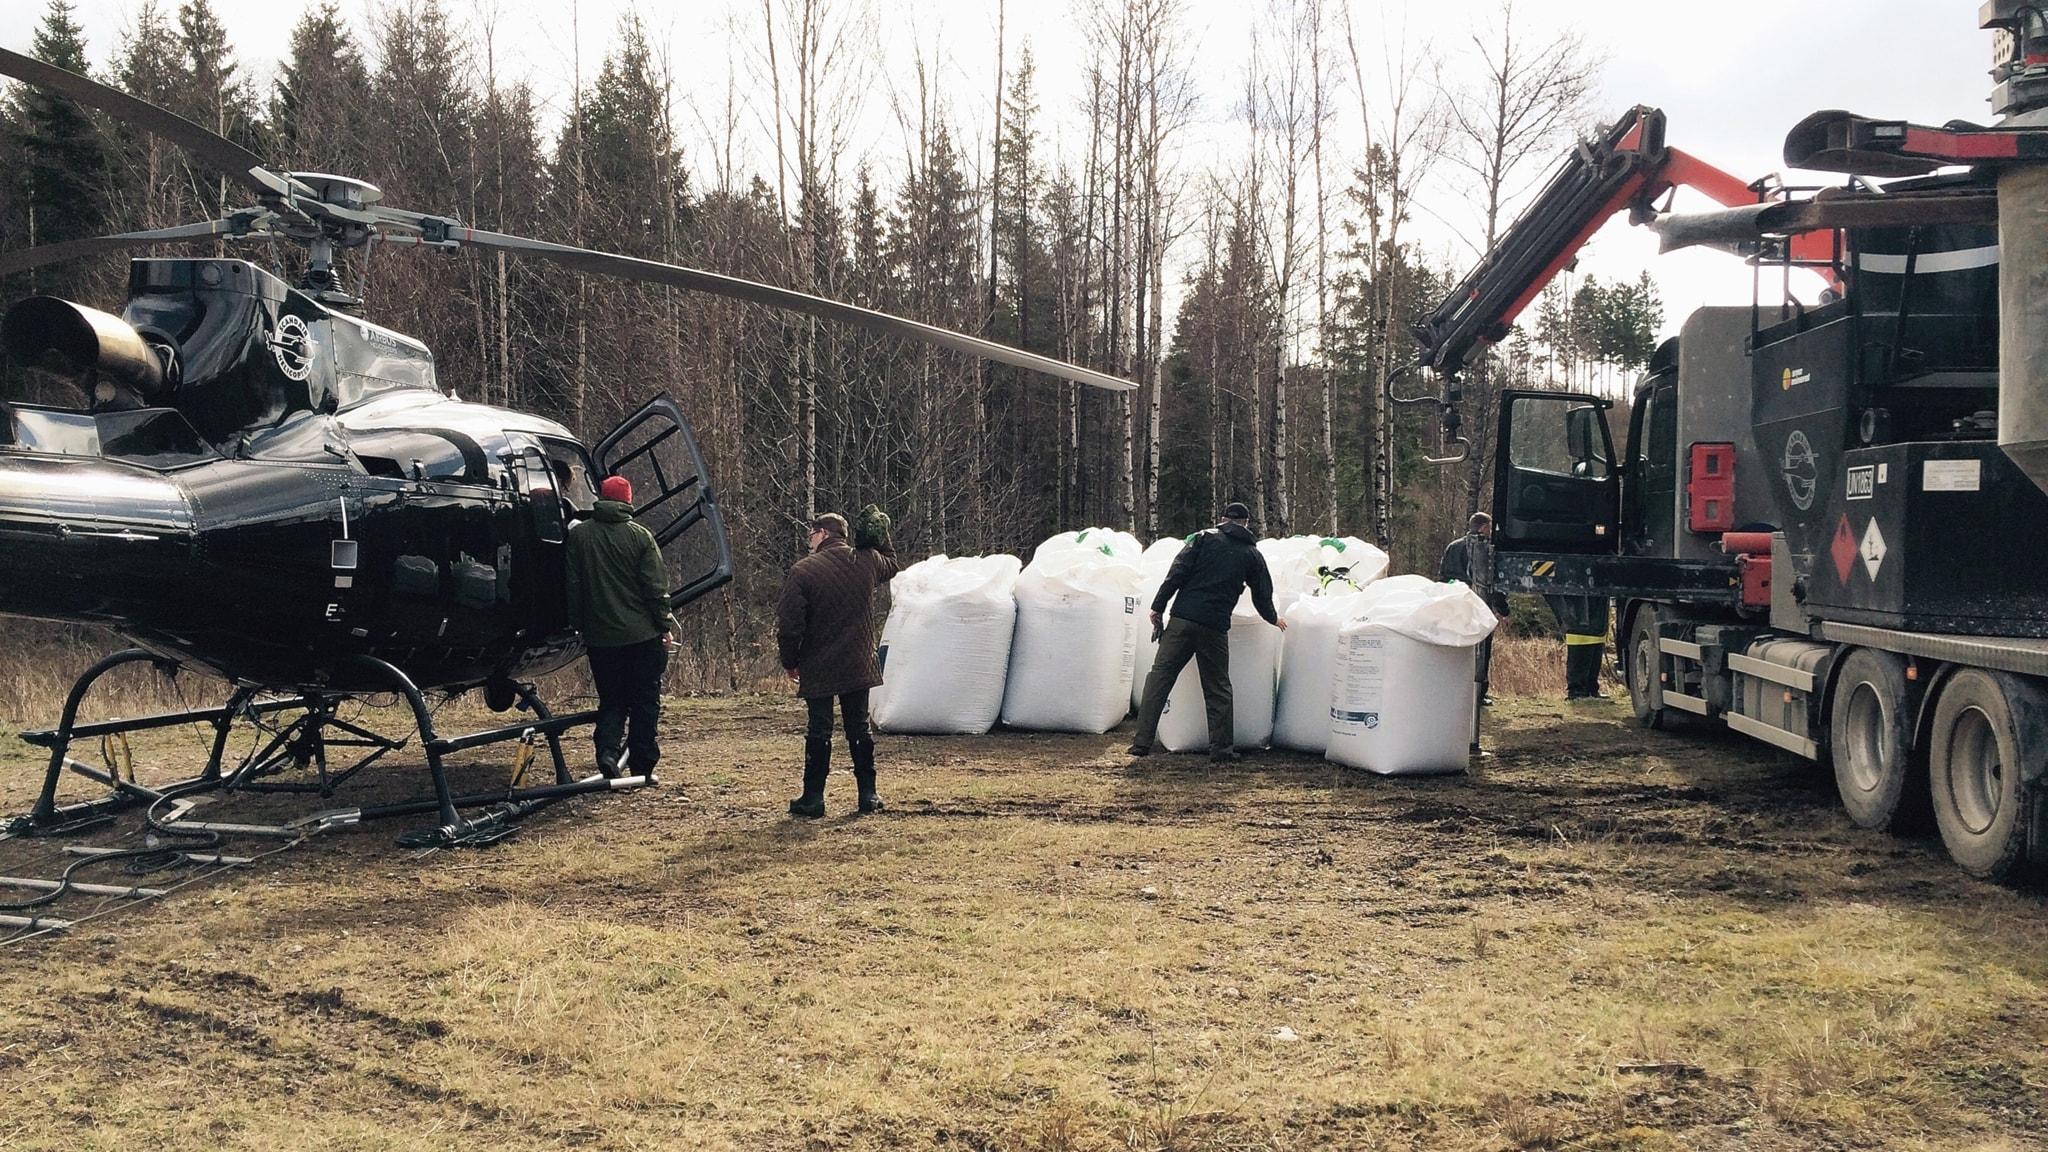 traktor och gödsel bredvid  helikopter